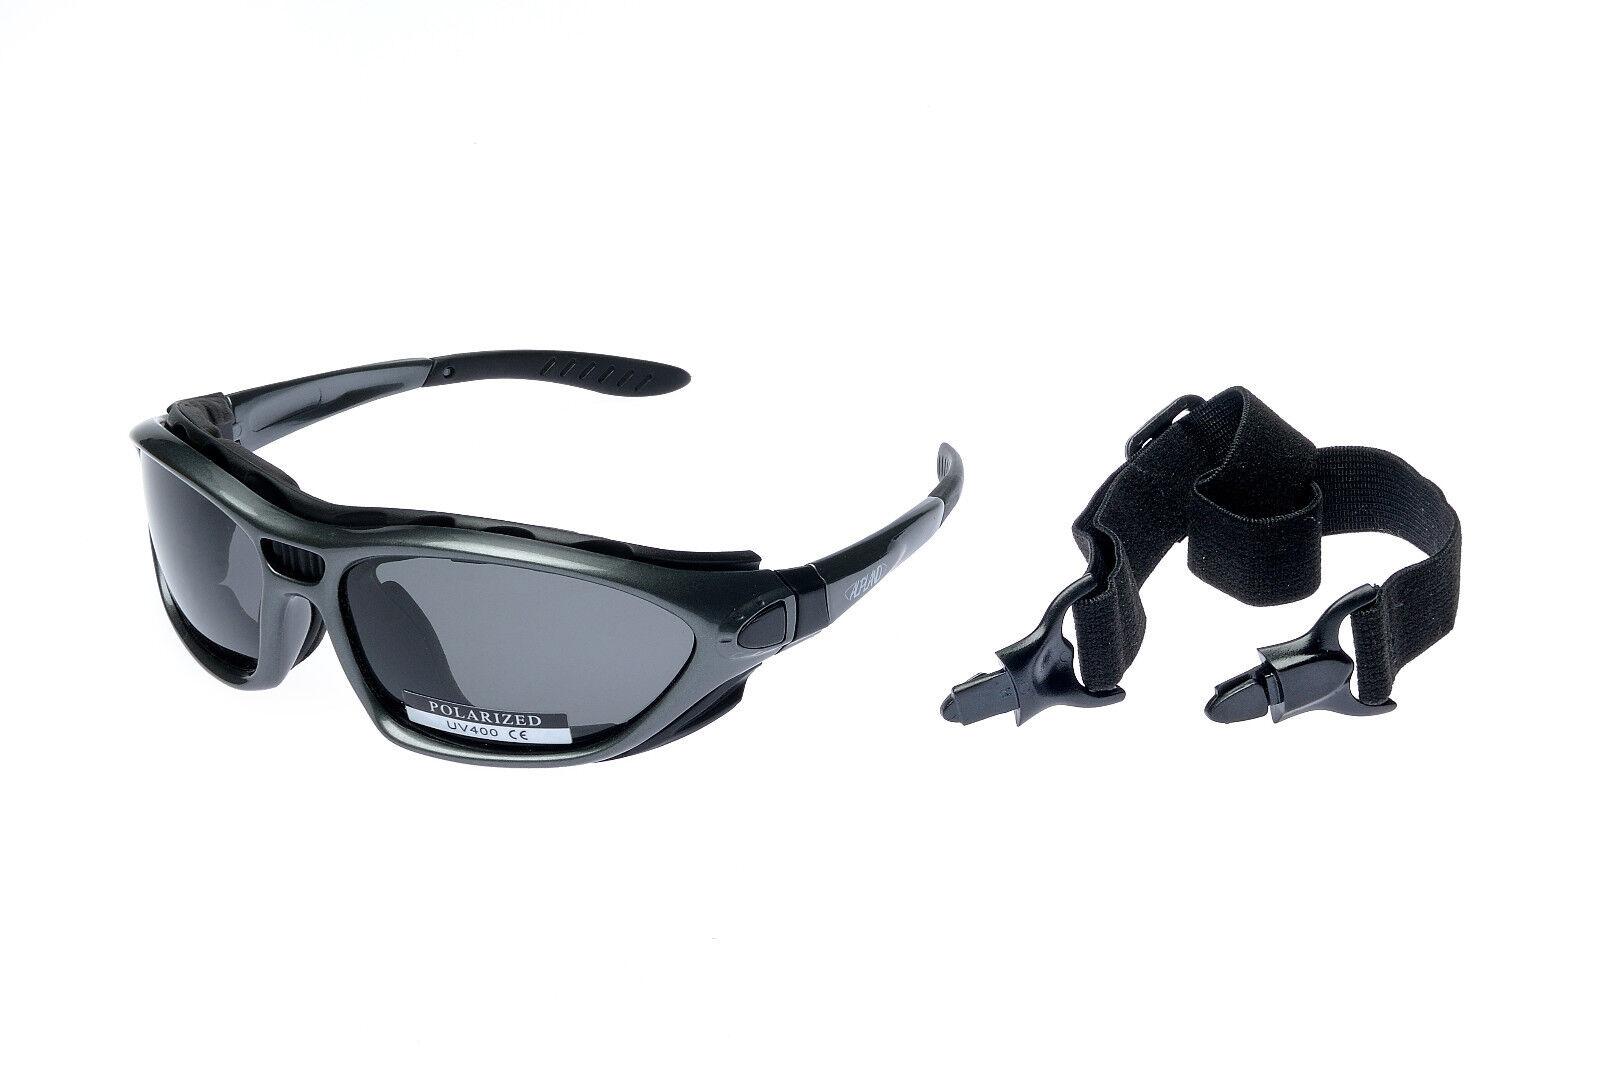 Alpland Schneebrille Sportbrille Schutzbrille Sonnenbrille  Skibrille Ski alpine